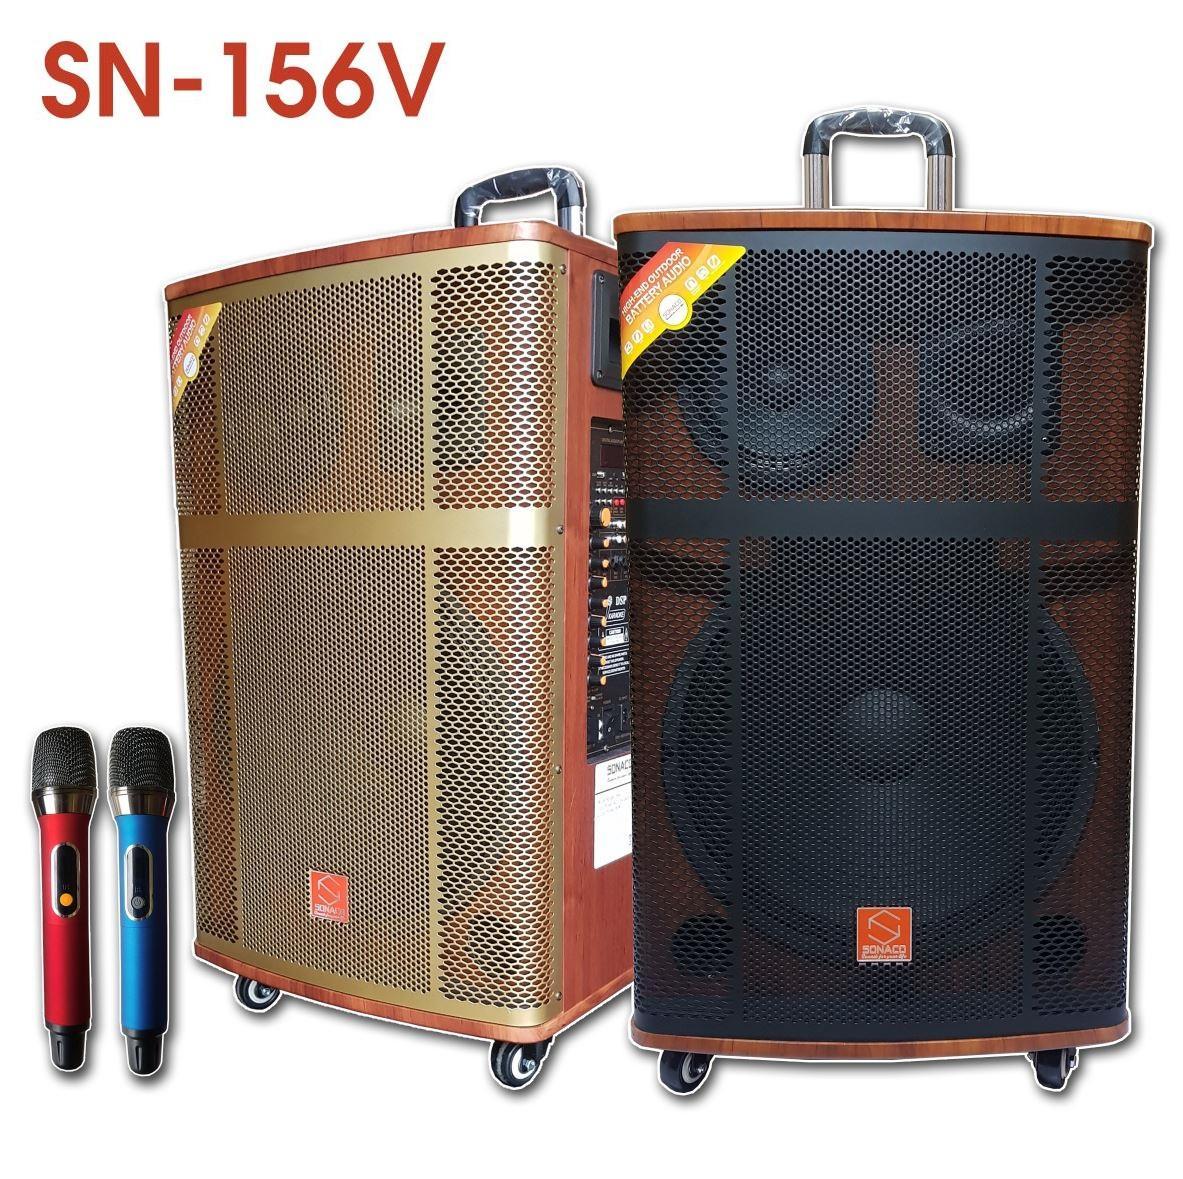 loa-keo-sonaco-sn-156v-bass-40-vo-go-3-duong-tieng